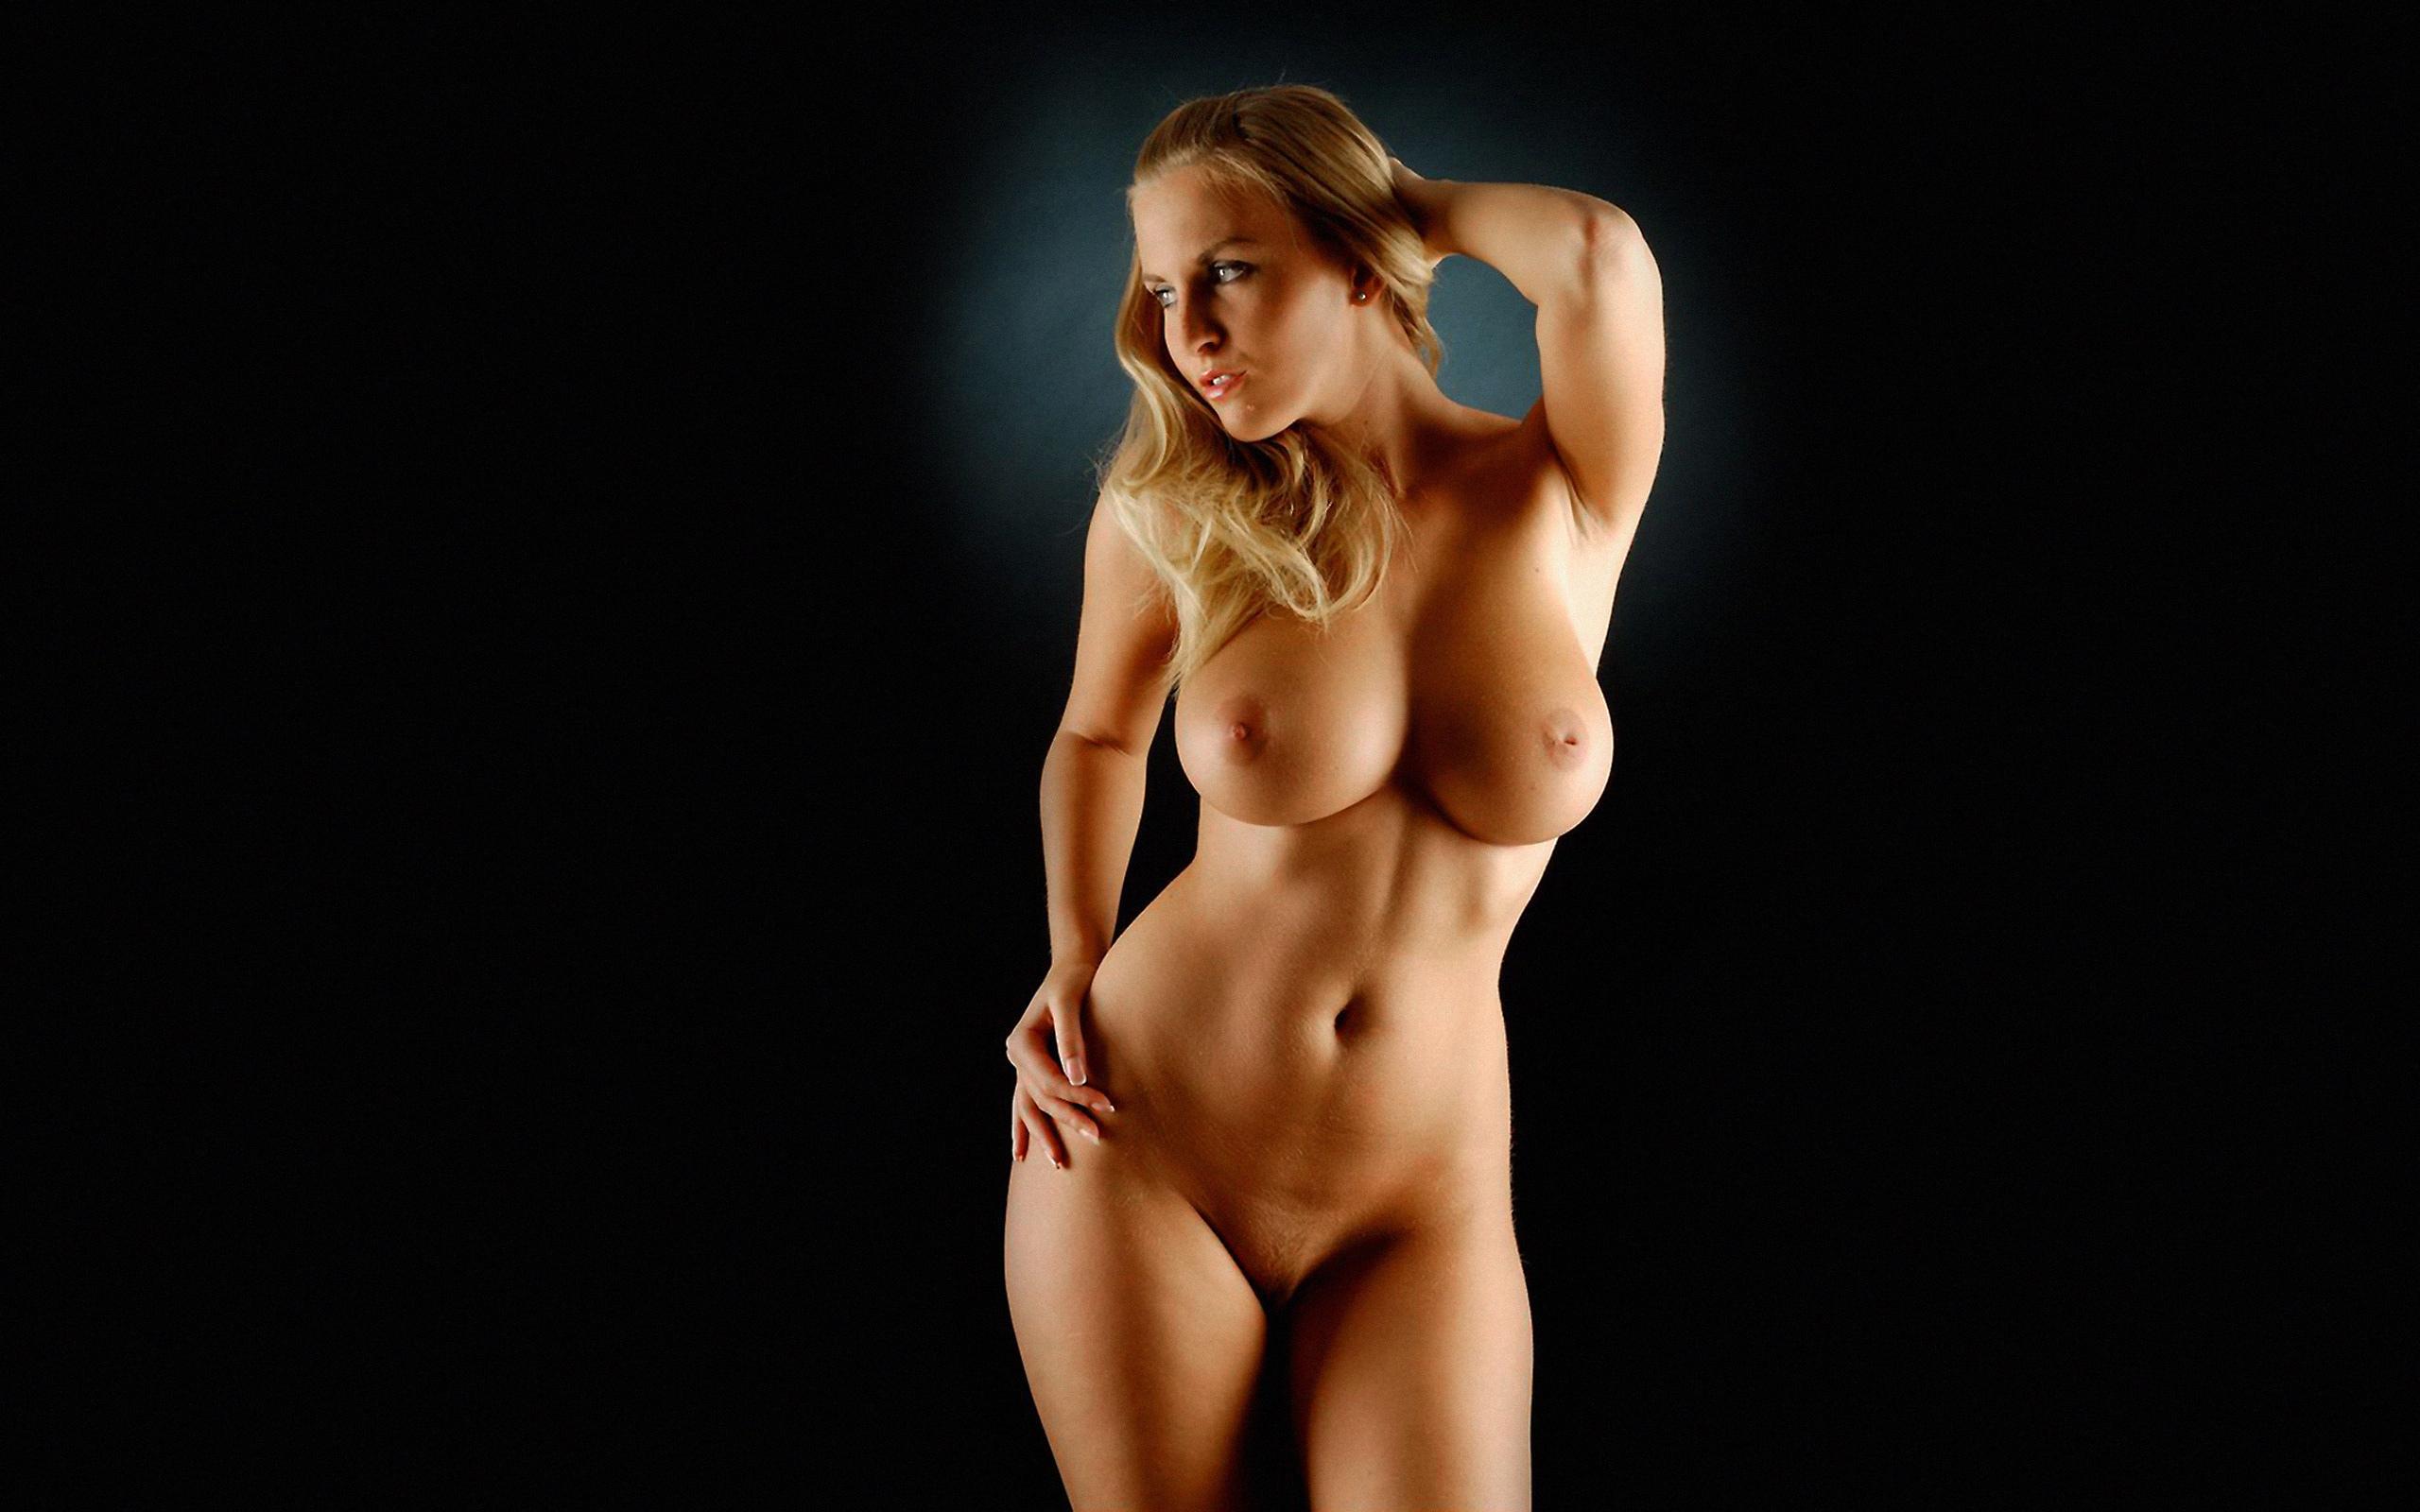 красивые голые девушки для рабочего стола тому